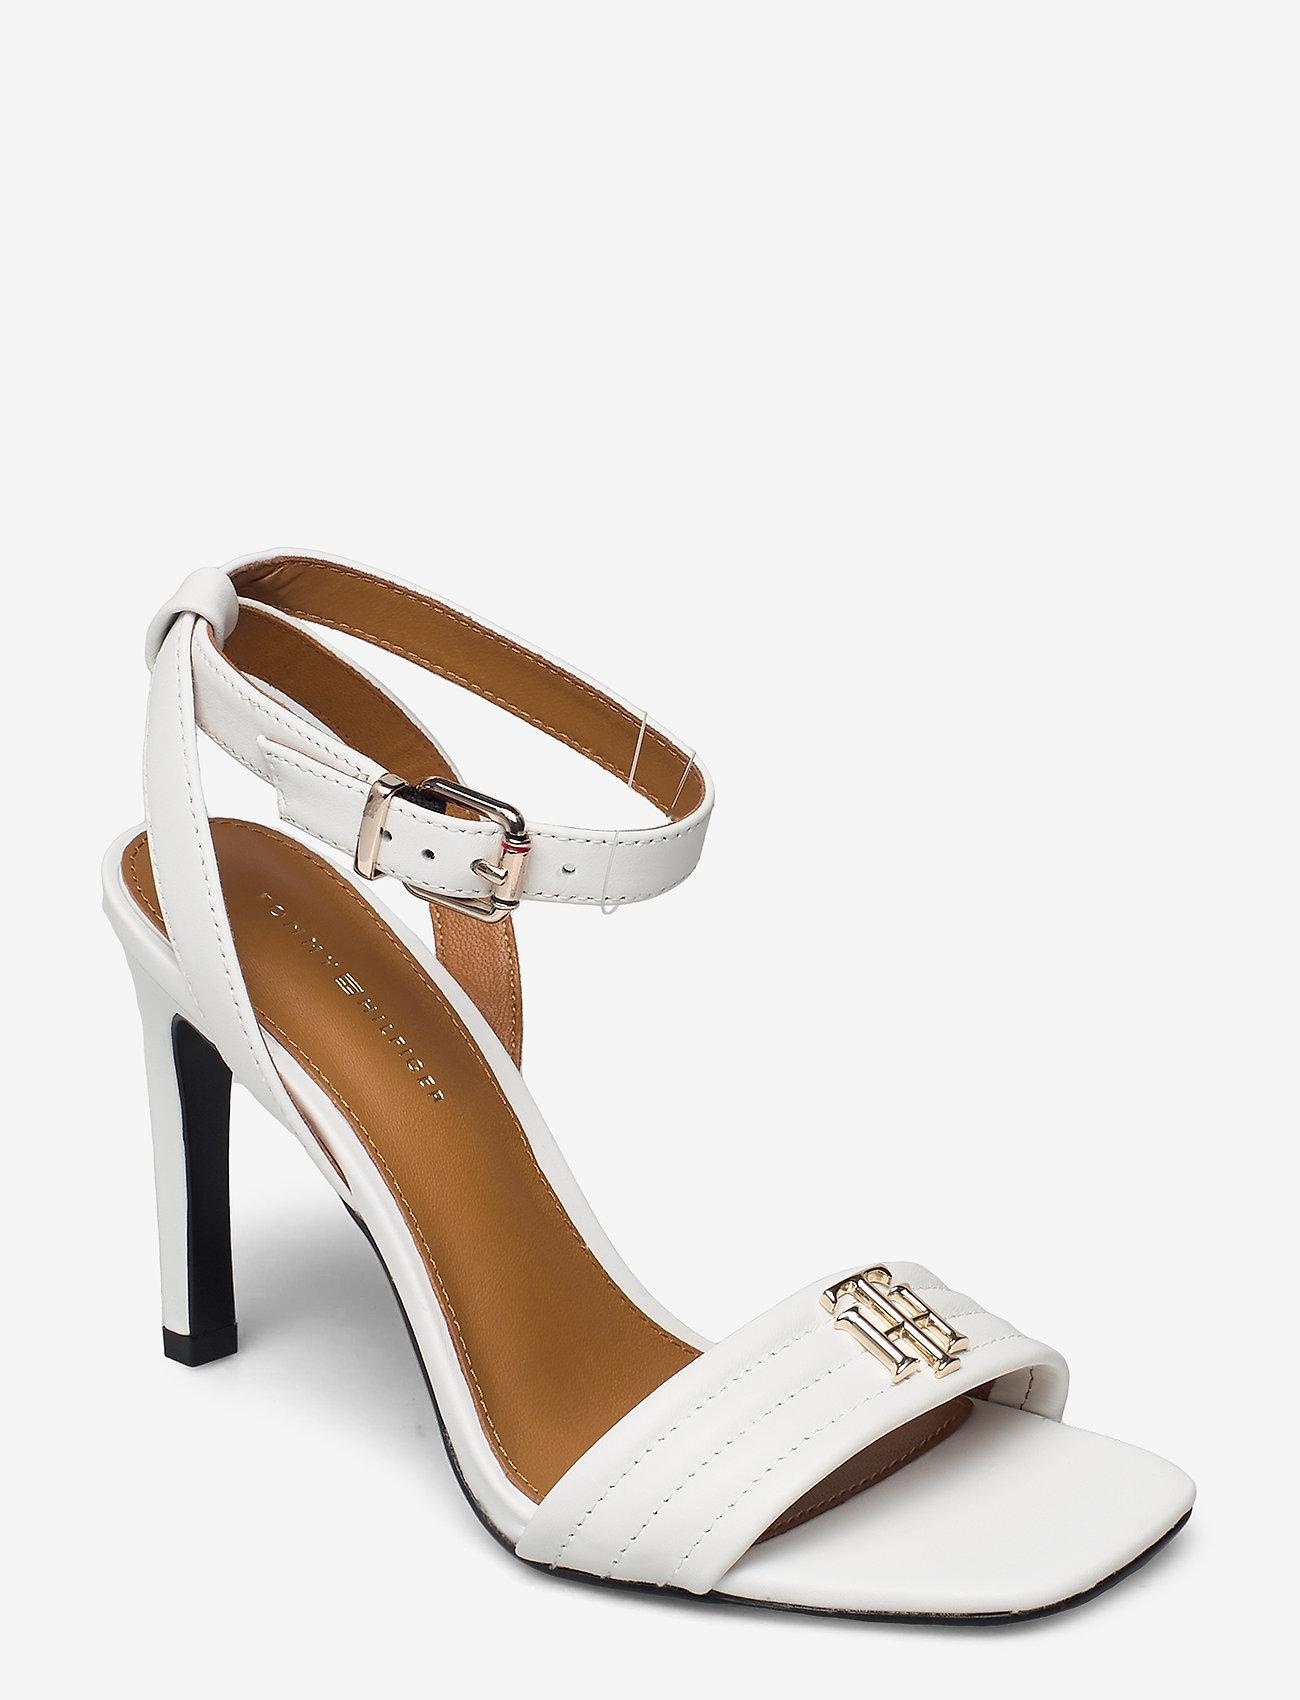 Tommy Hilfiger - TOMMY PADDED HIGH HEEL SANDAL - heeled sandals - ecru - 0